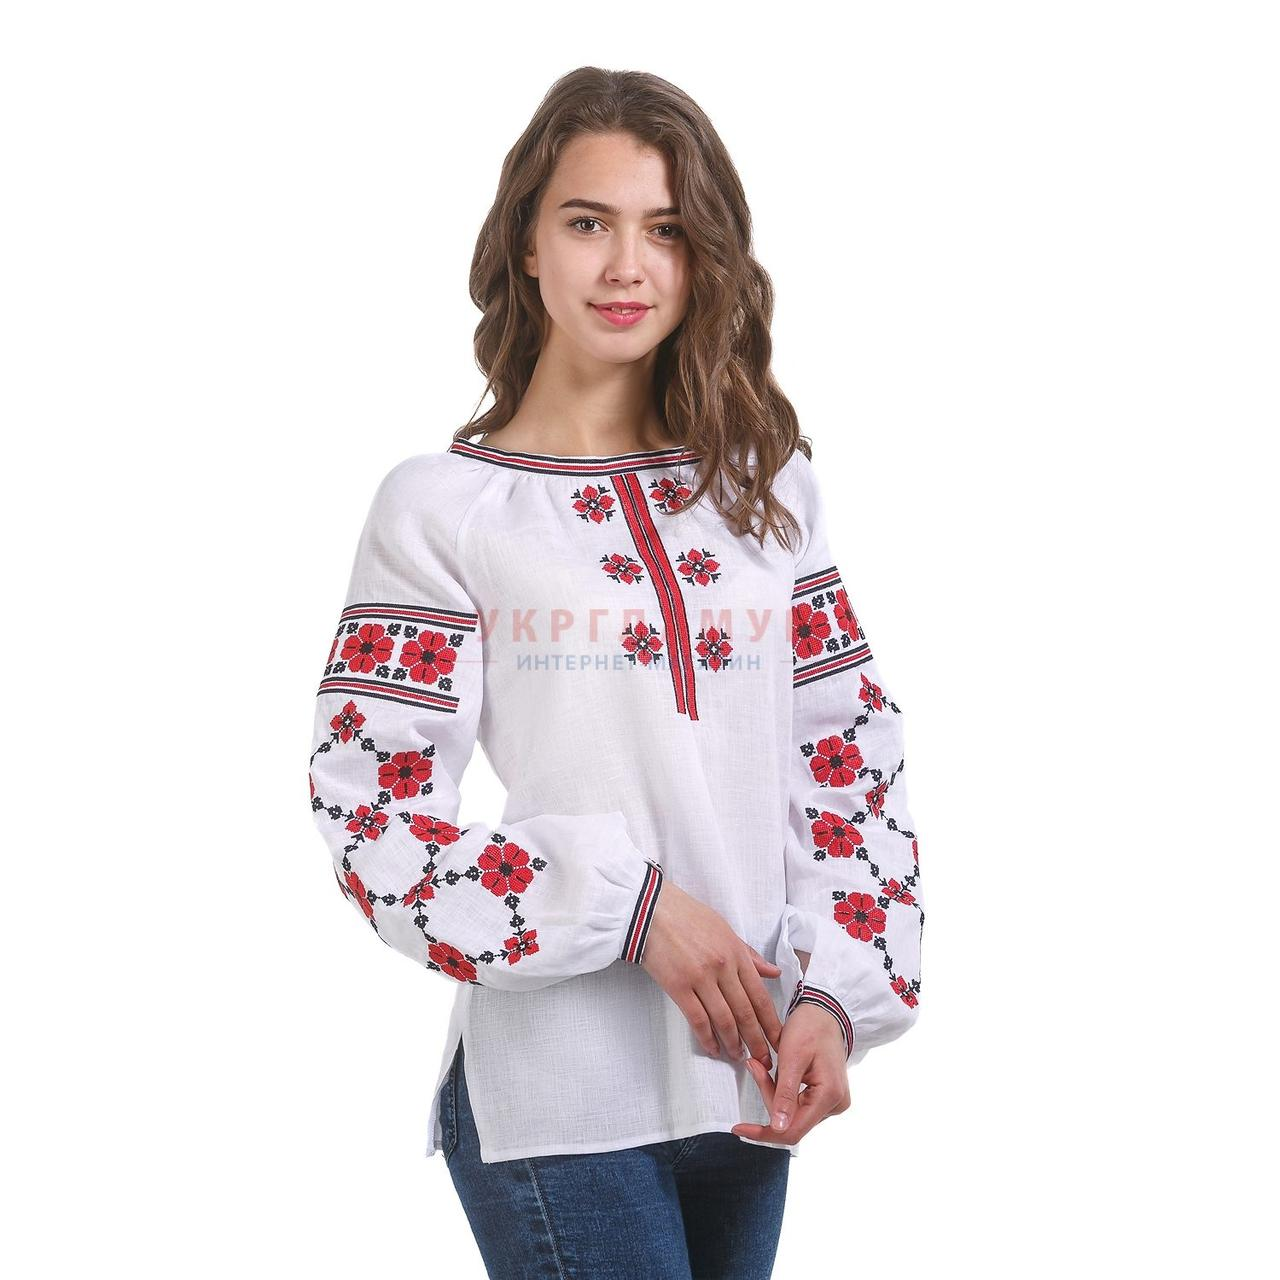 9fac1b51c8bbb6c Эта белоснежная вышитая двойным крестиком рубашка - настоящее чудо по  сравнению со всеми предметами гардероба, которые Вы имели раньше!